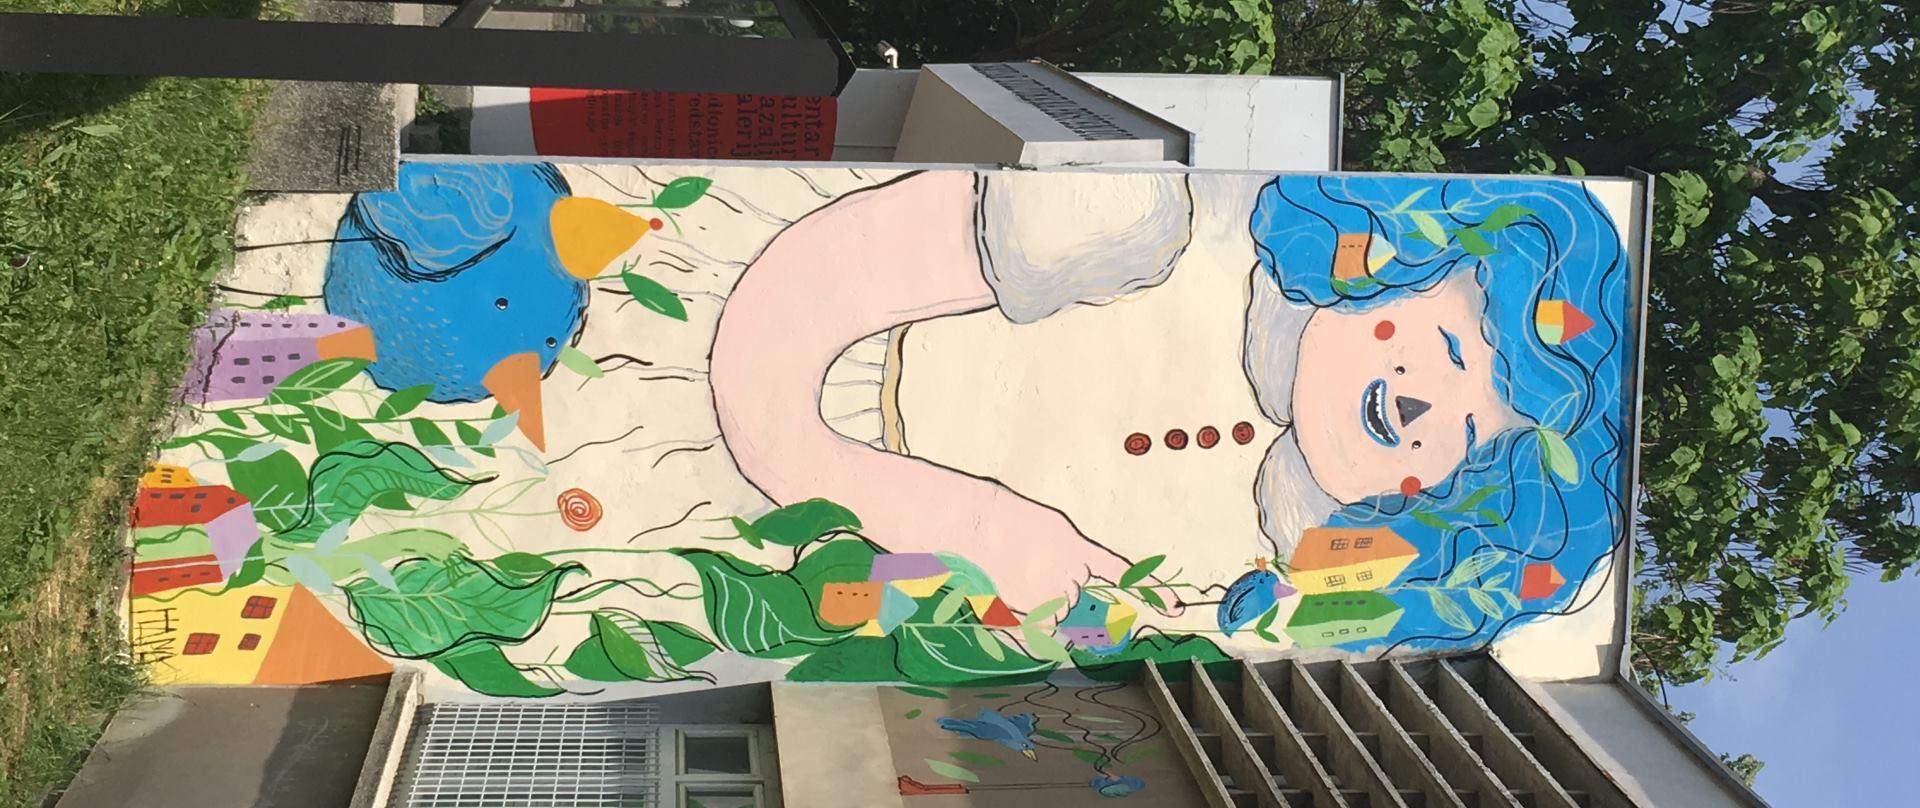 FOTO: Novi mural na pročelju Centra Knap